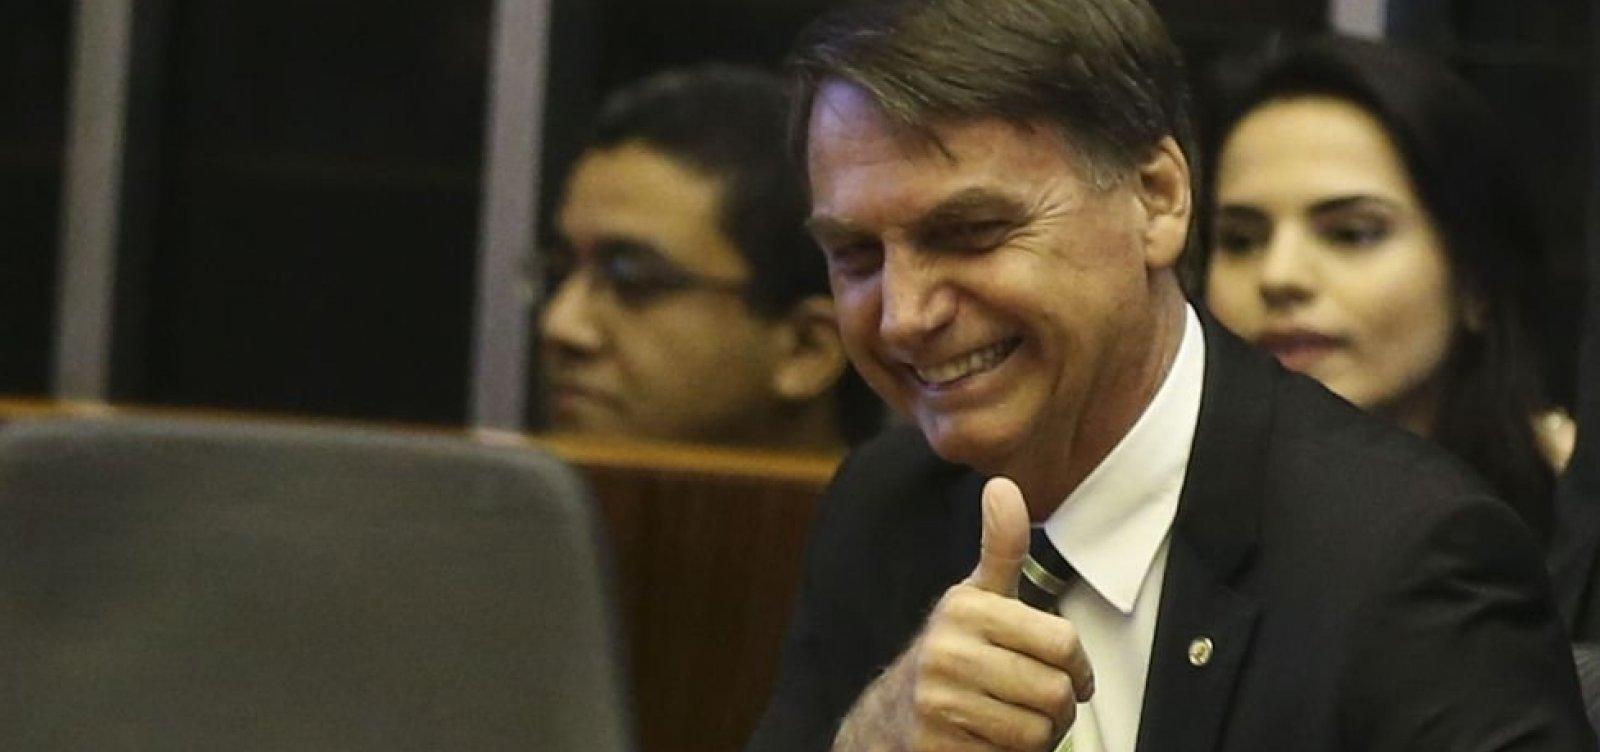 [Equipe de Bolsonaro faz pente-fino em bancos federais]